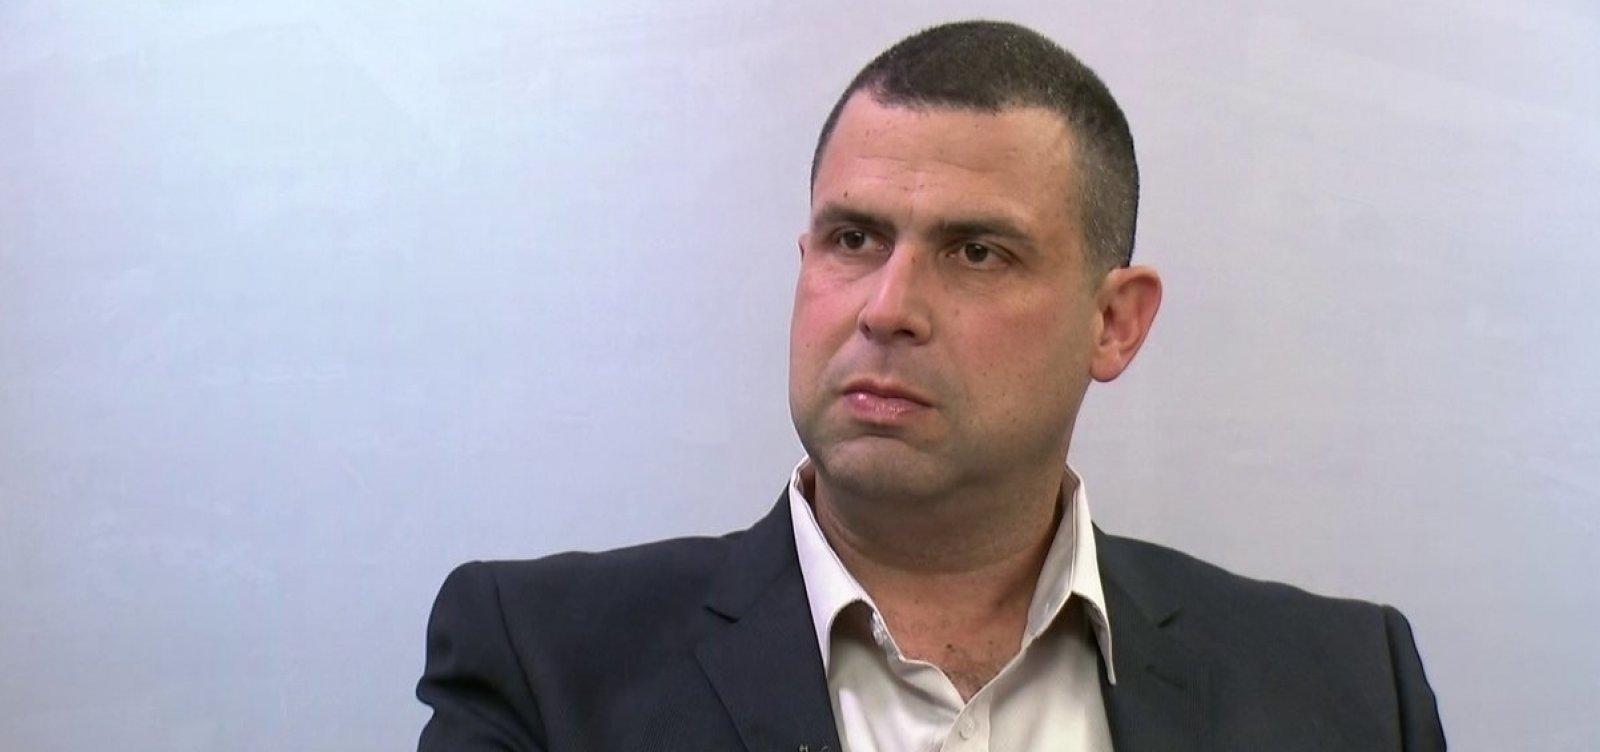 Major Costa e Silva e assessor têm alta após disparos contra carro do candidato